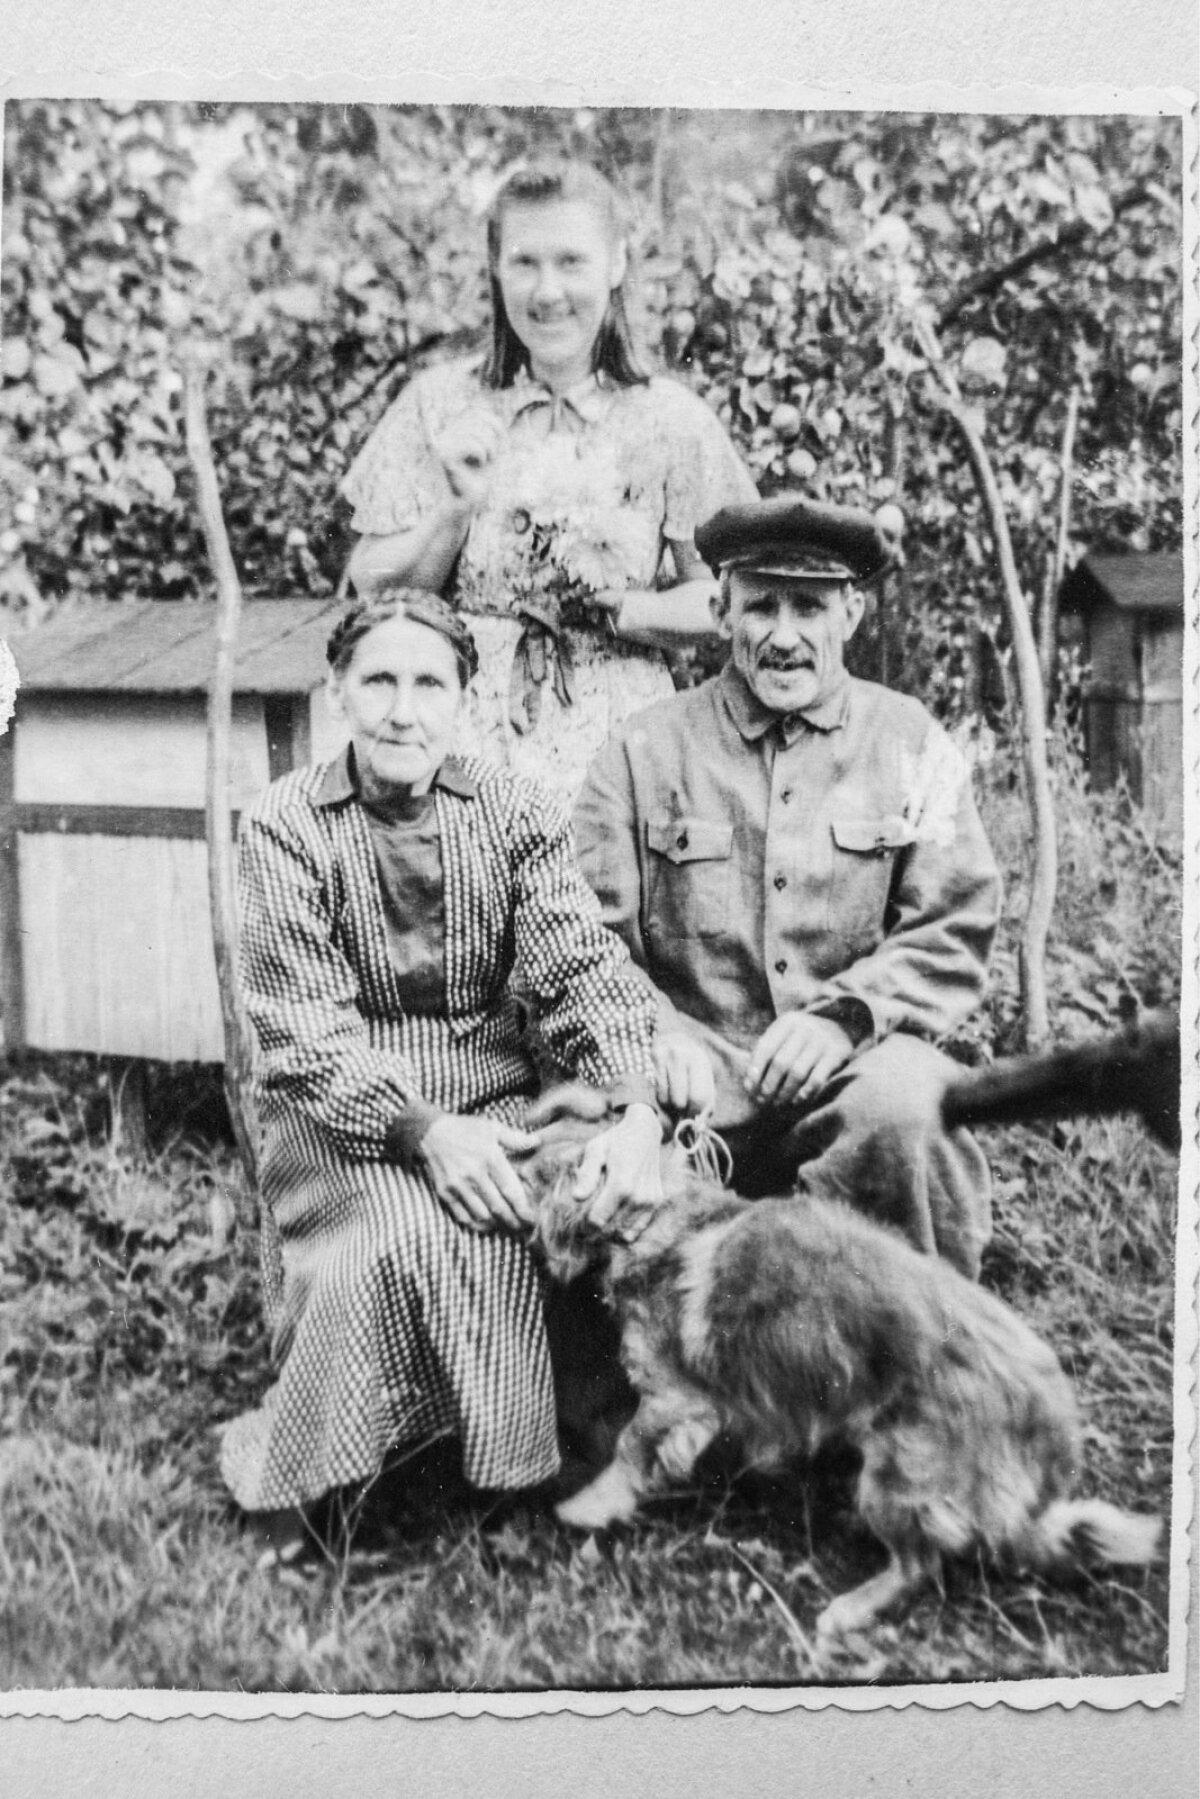 Enn Meri emapoolsed vanavanemad Tiina ja Mihkel Võõras ning ema õde Salme Võõras Saaremaal Tagamõisas.